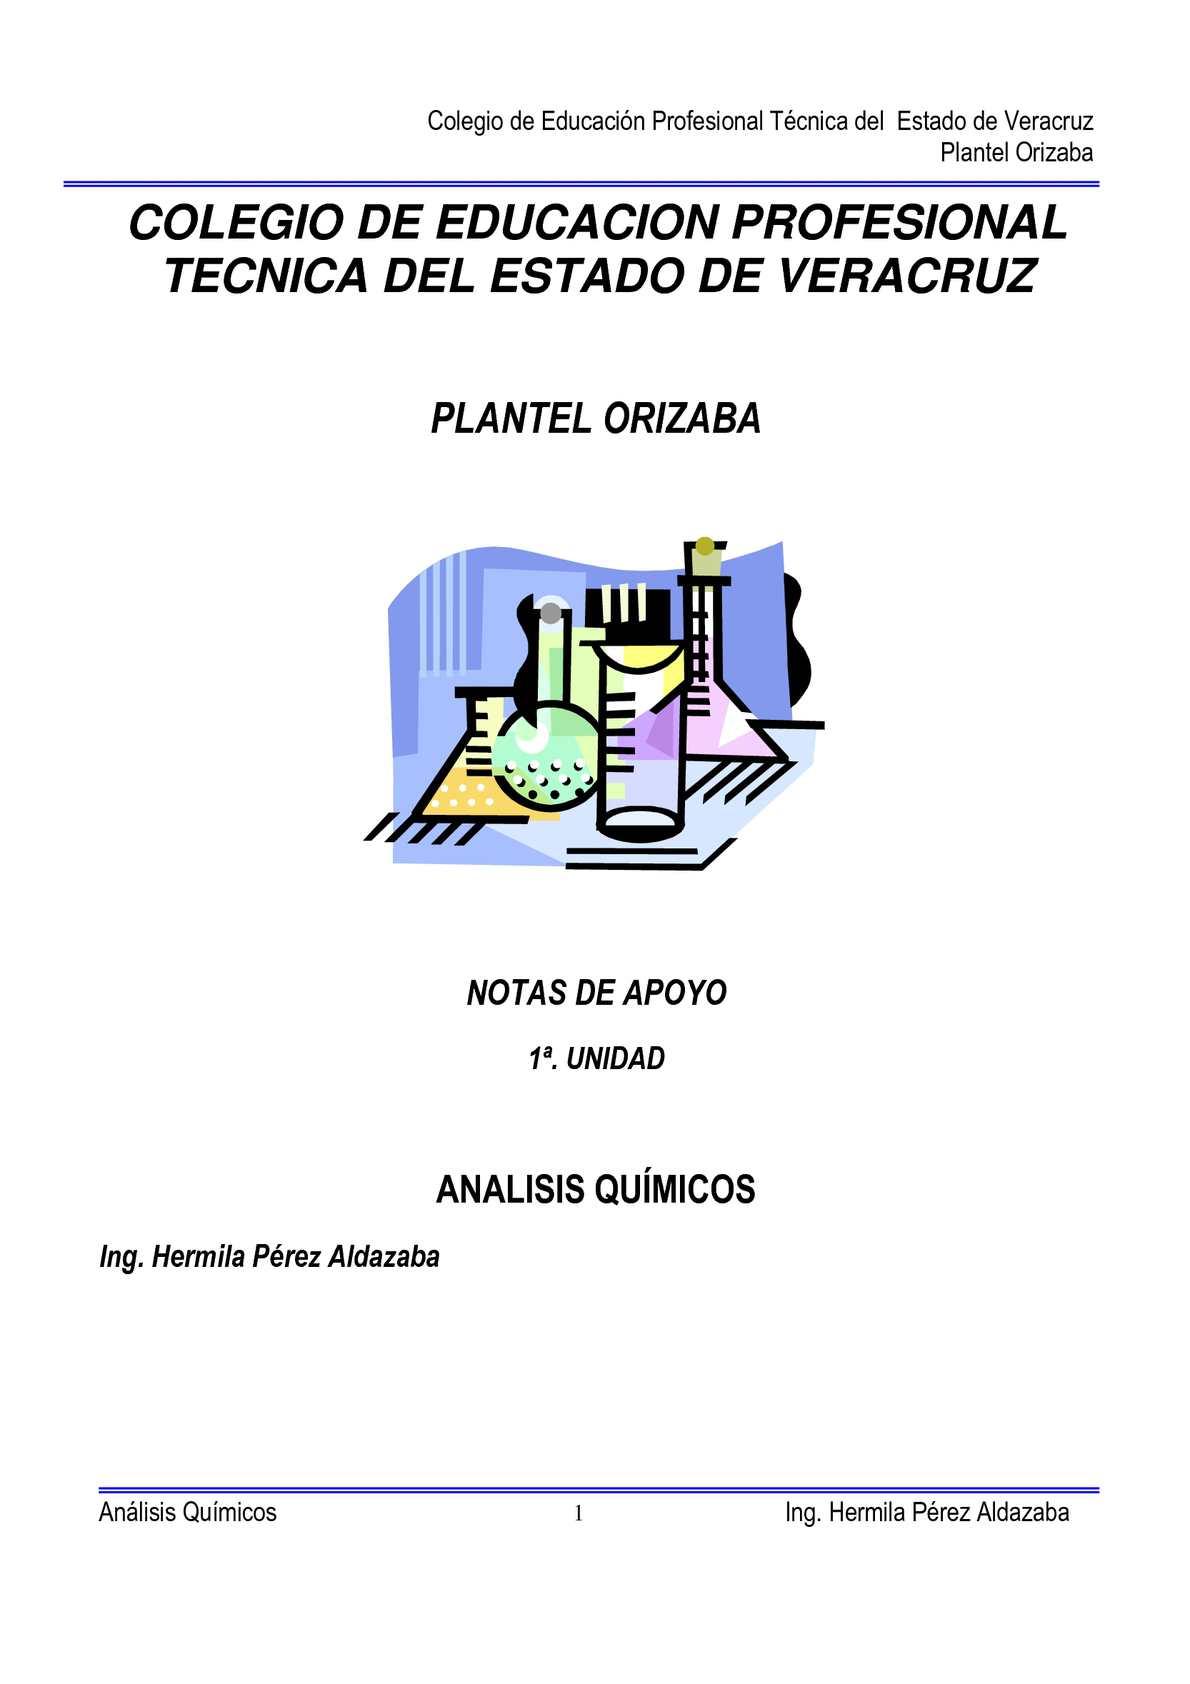 Calaméo - Notas de apoyo 1a. Unidad de Anàlisis Quìmicos